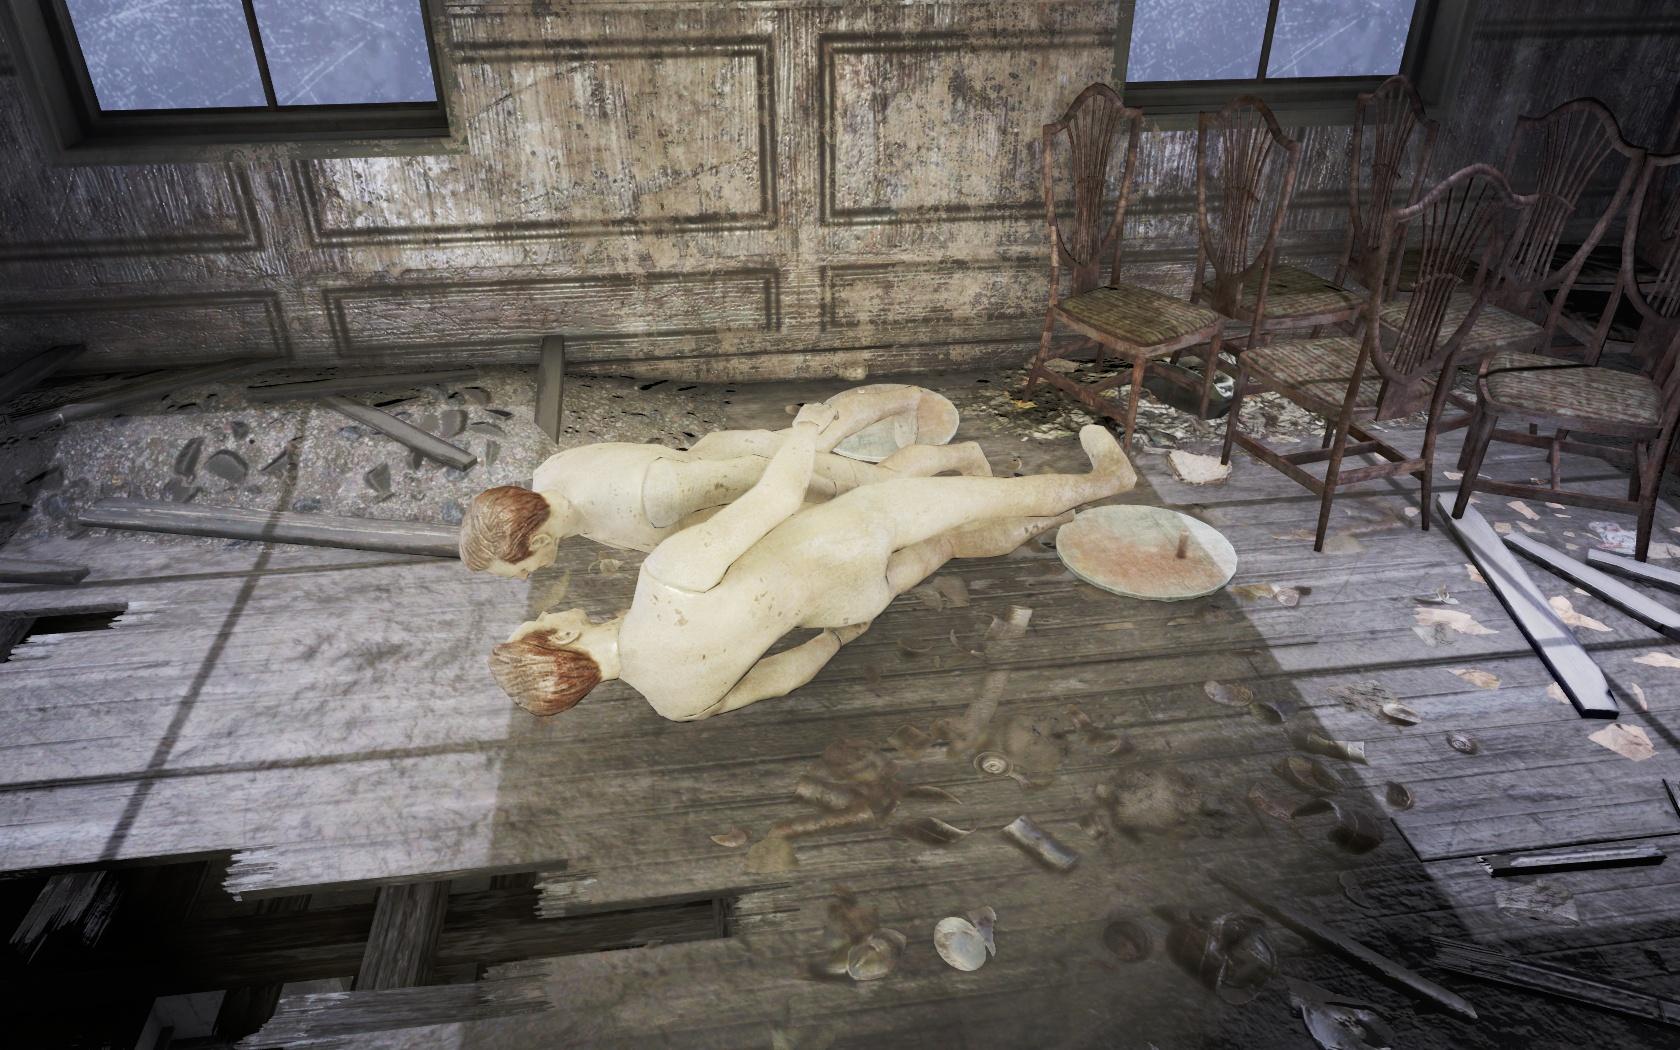 Прилегли голубки (Подготовительная школа Восточного Бостона) - Fallout 4 Бостон, Восточный Бостон, манекен, Подготовительная школа Восточного Бостона, школа